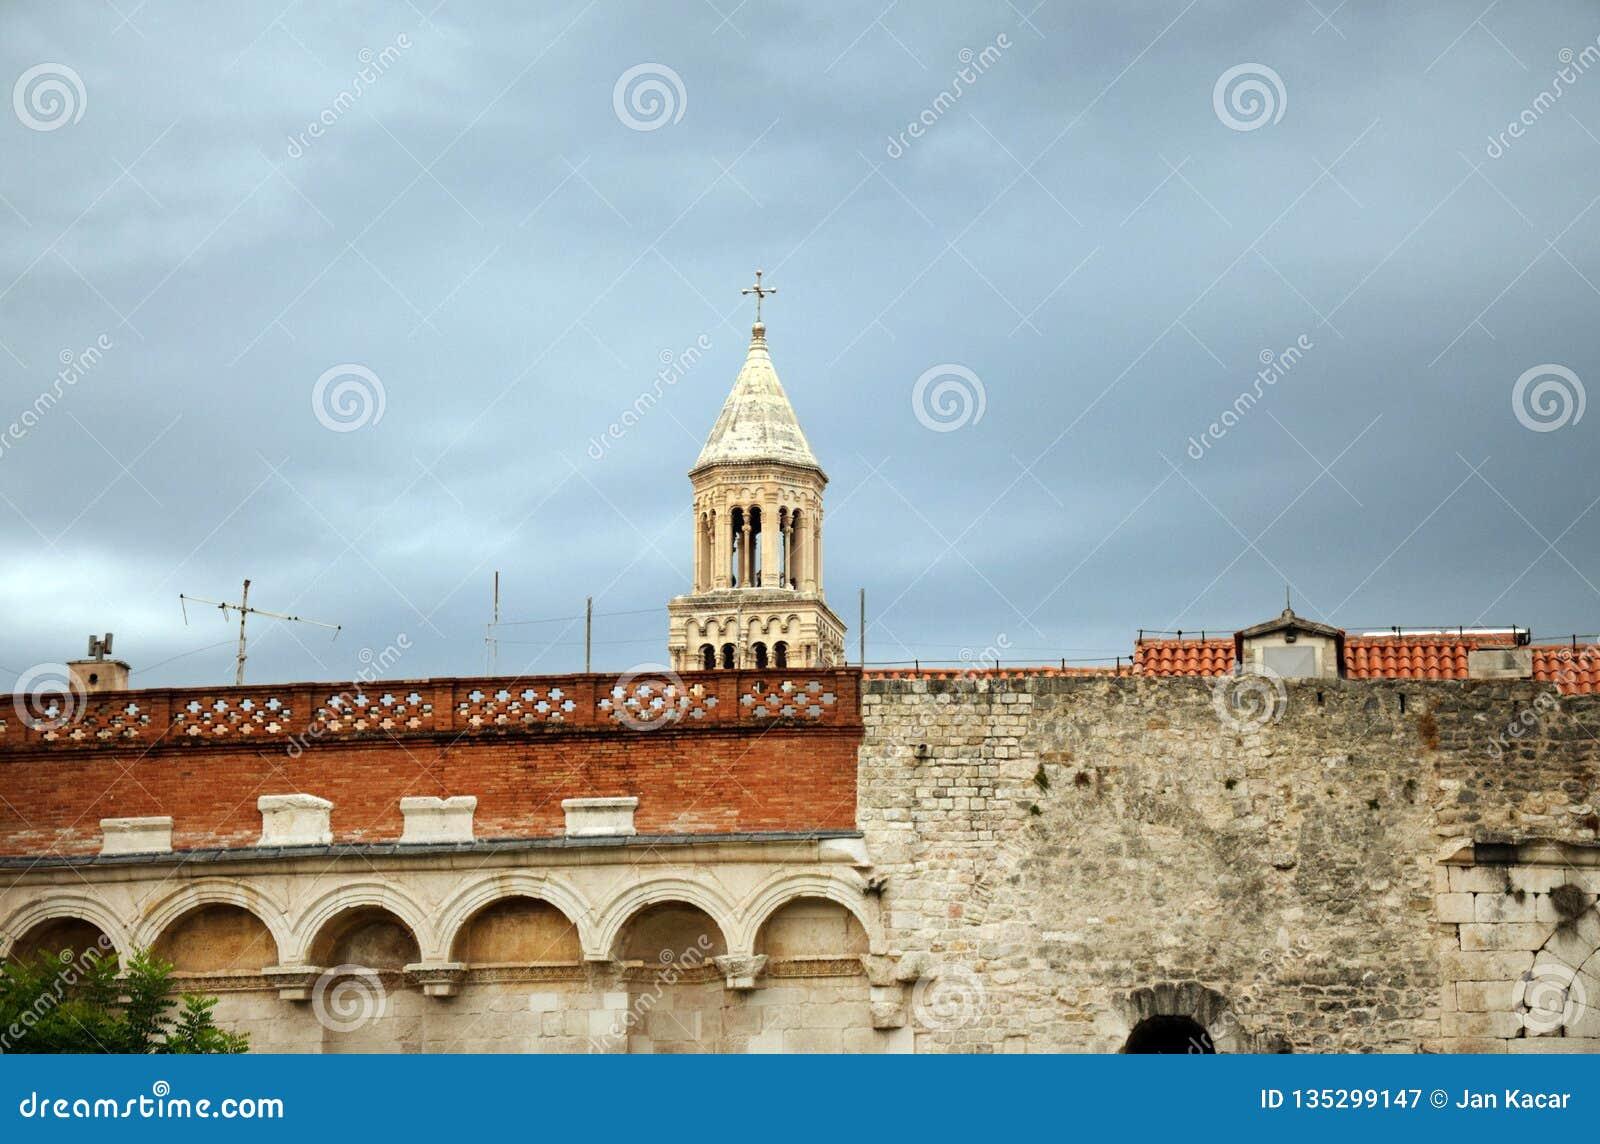 Spalten Sie sich, Kroatien - Heiliges Domnius-Kathedralen-Turm auf